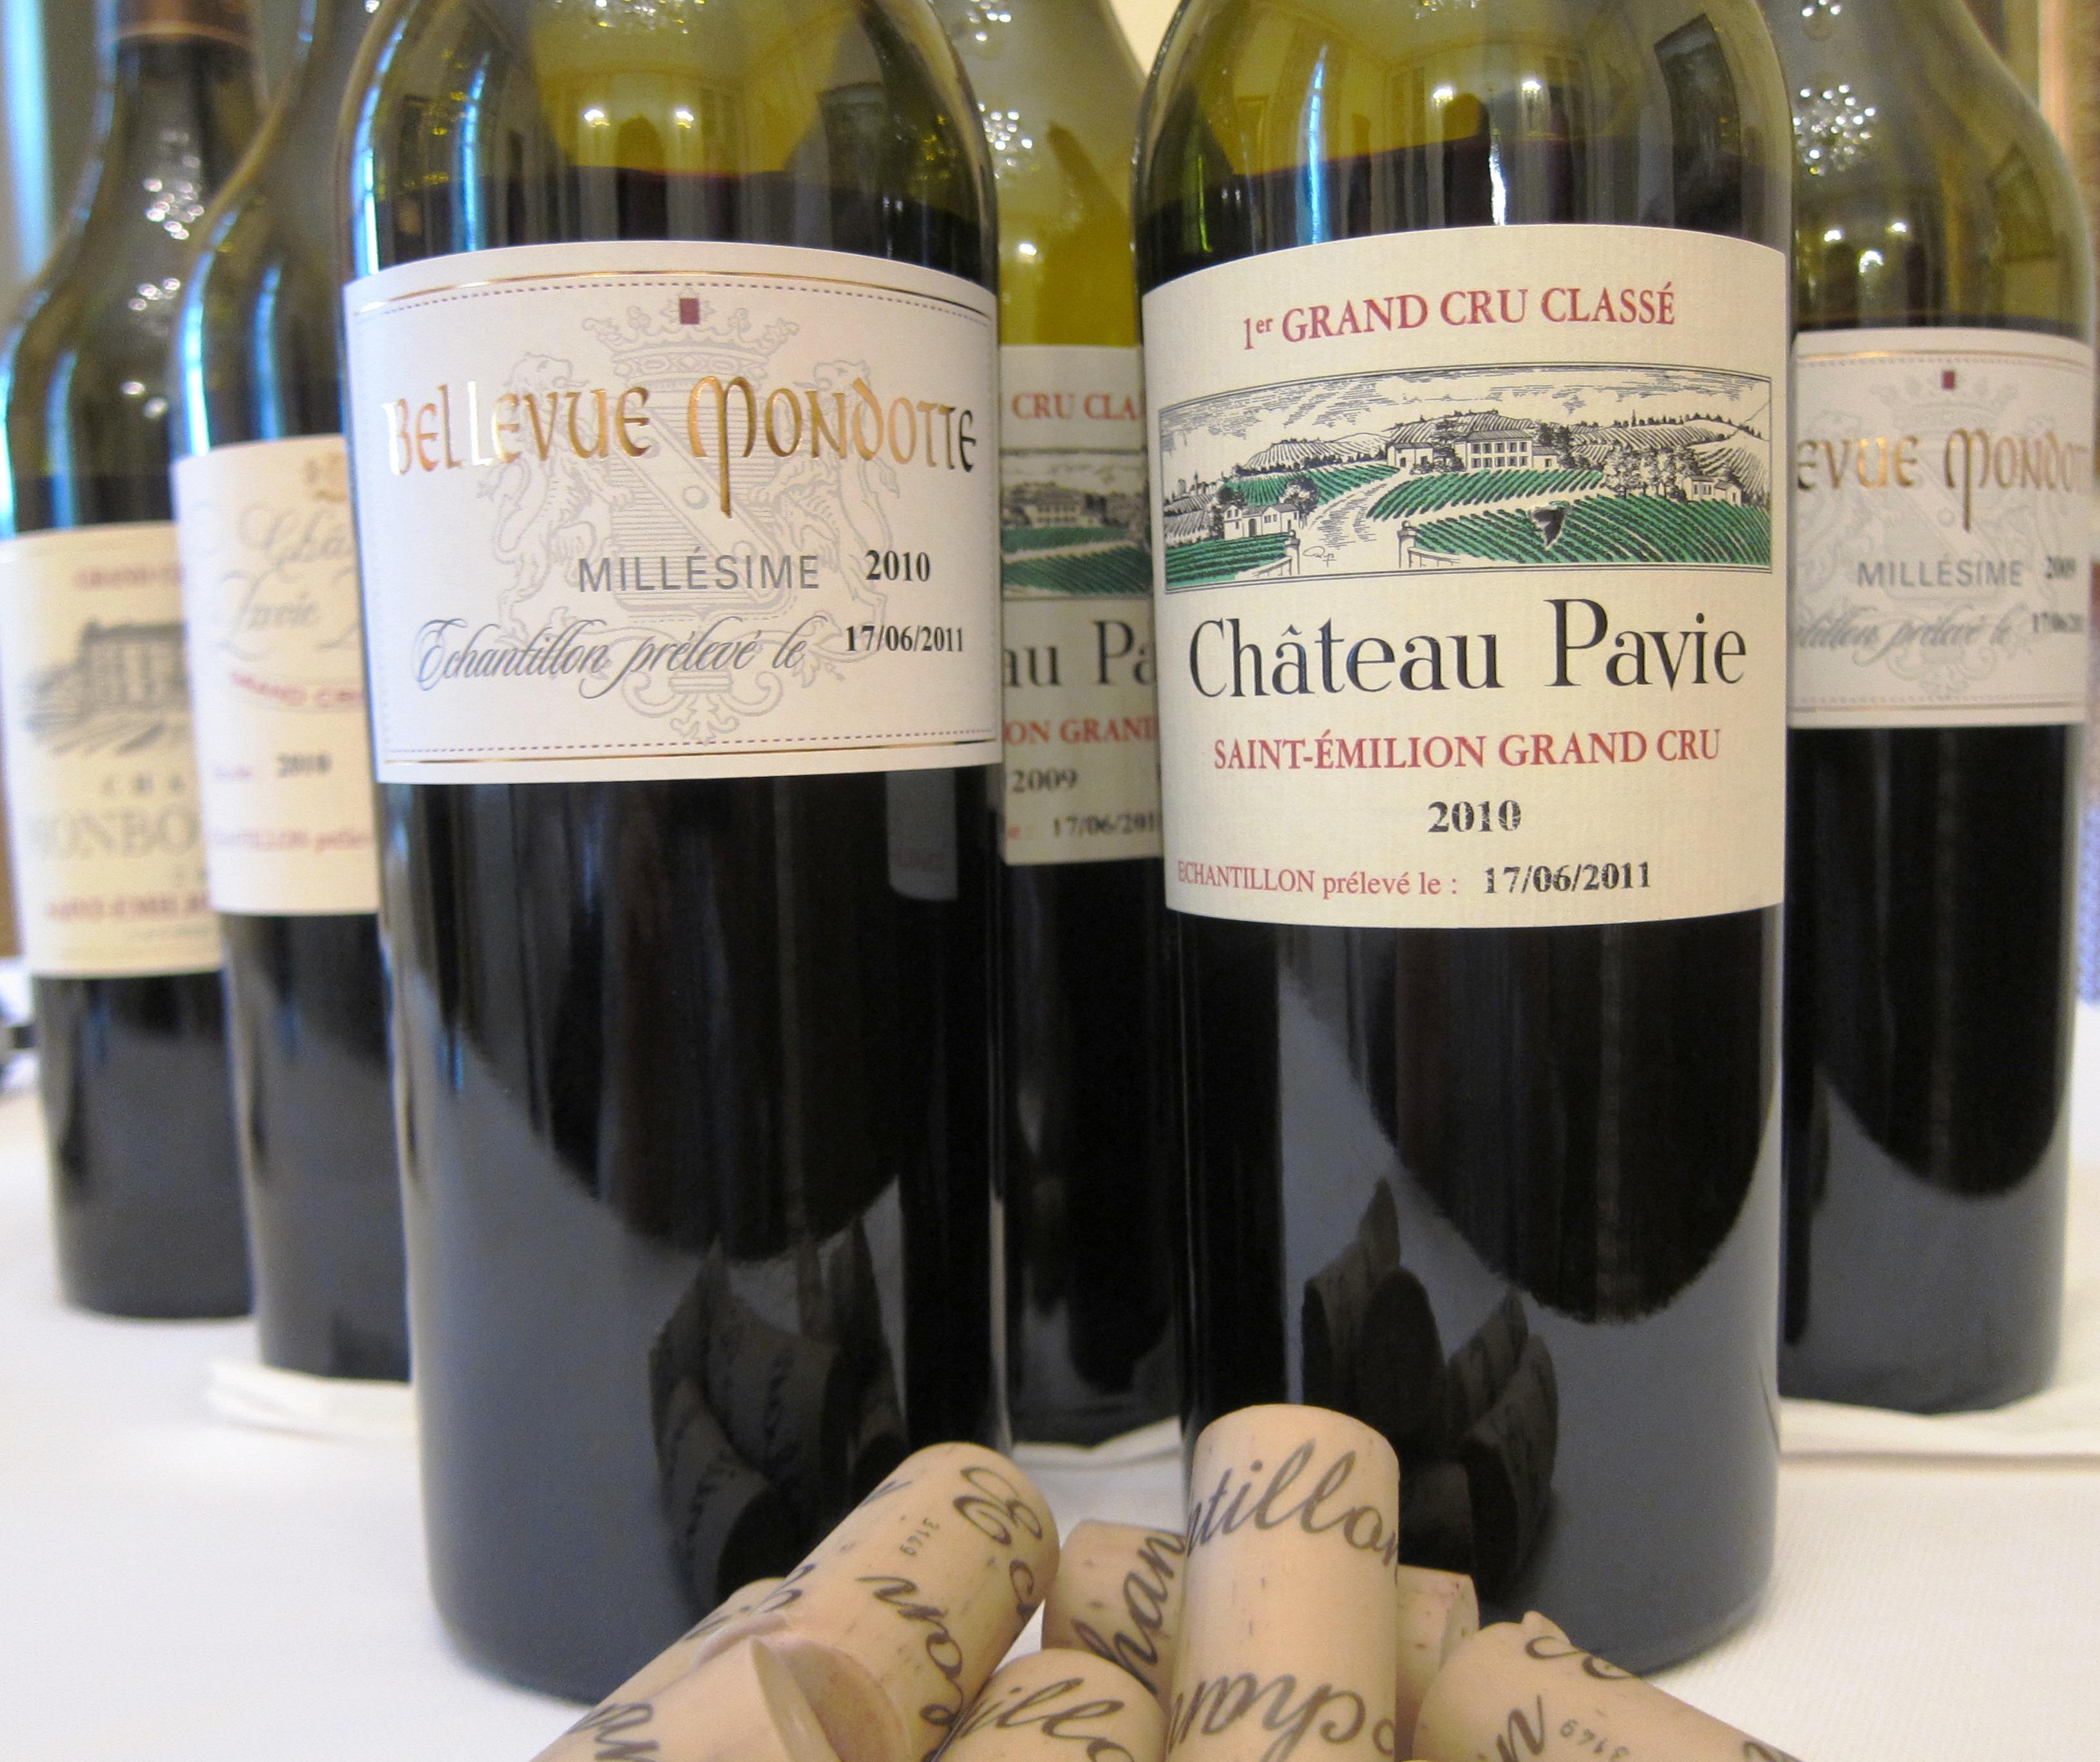 Chateau Pavie Tasting 2010